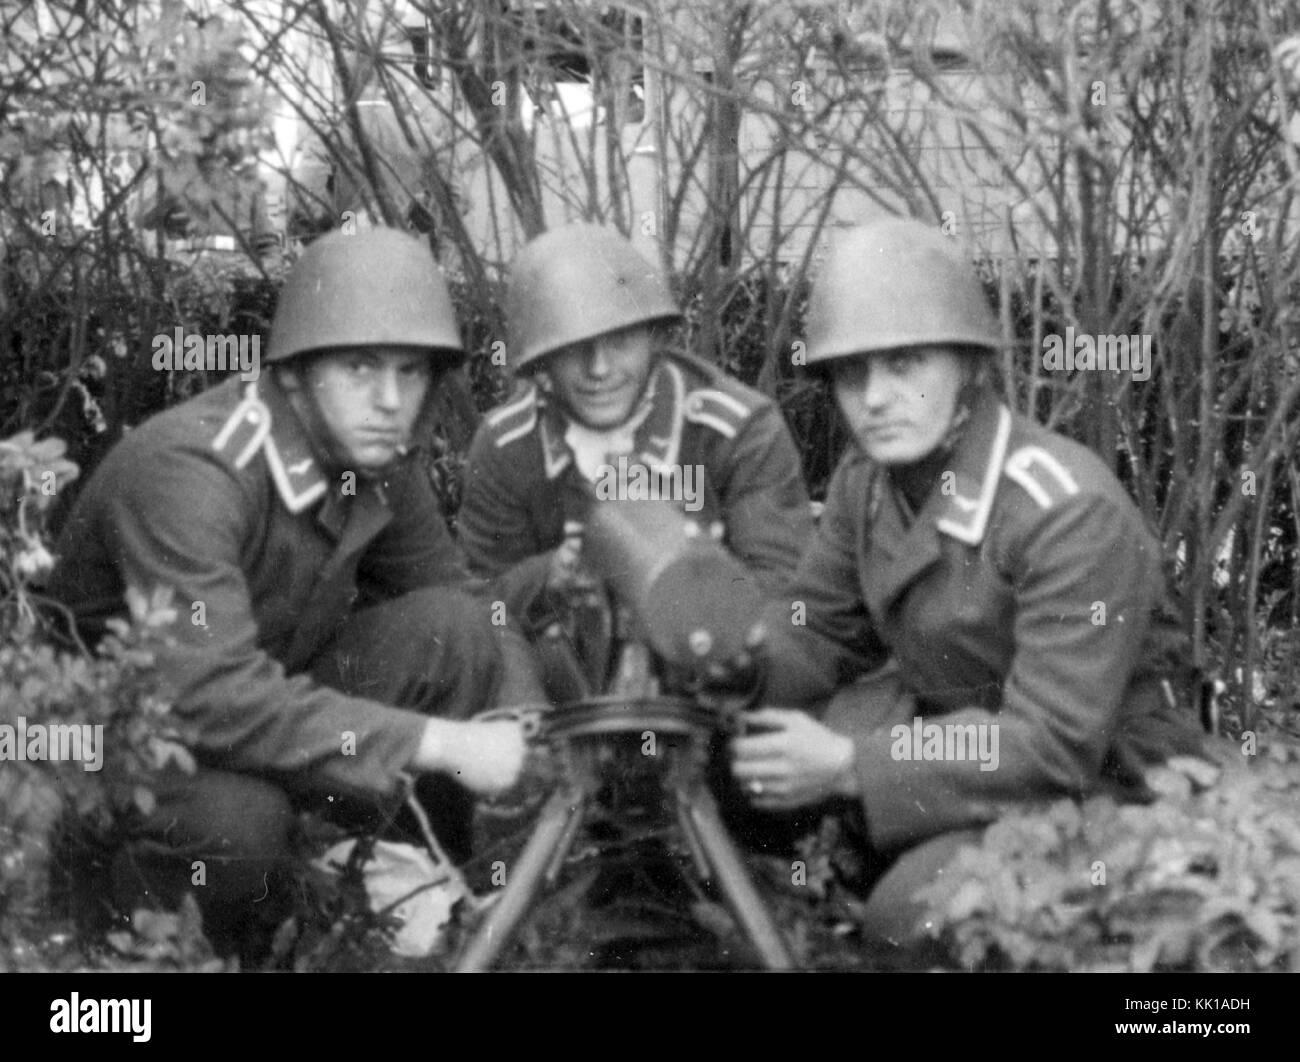 Luftwaffe machine gun crew Czech helmets Stock Photo